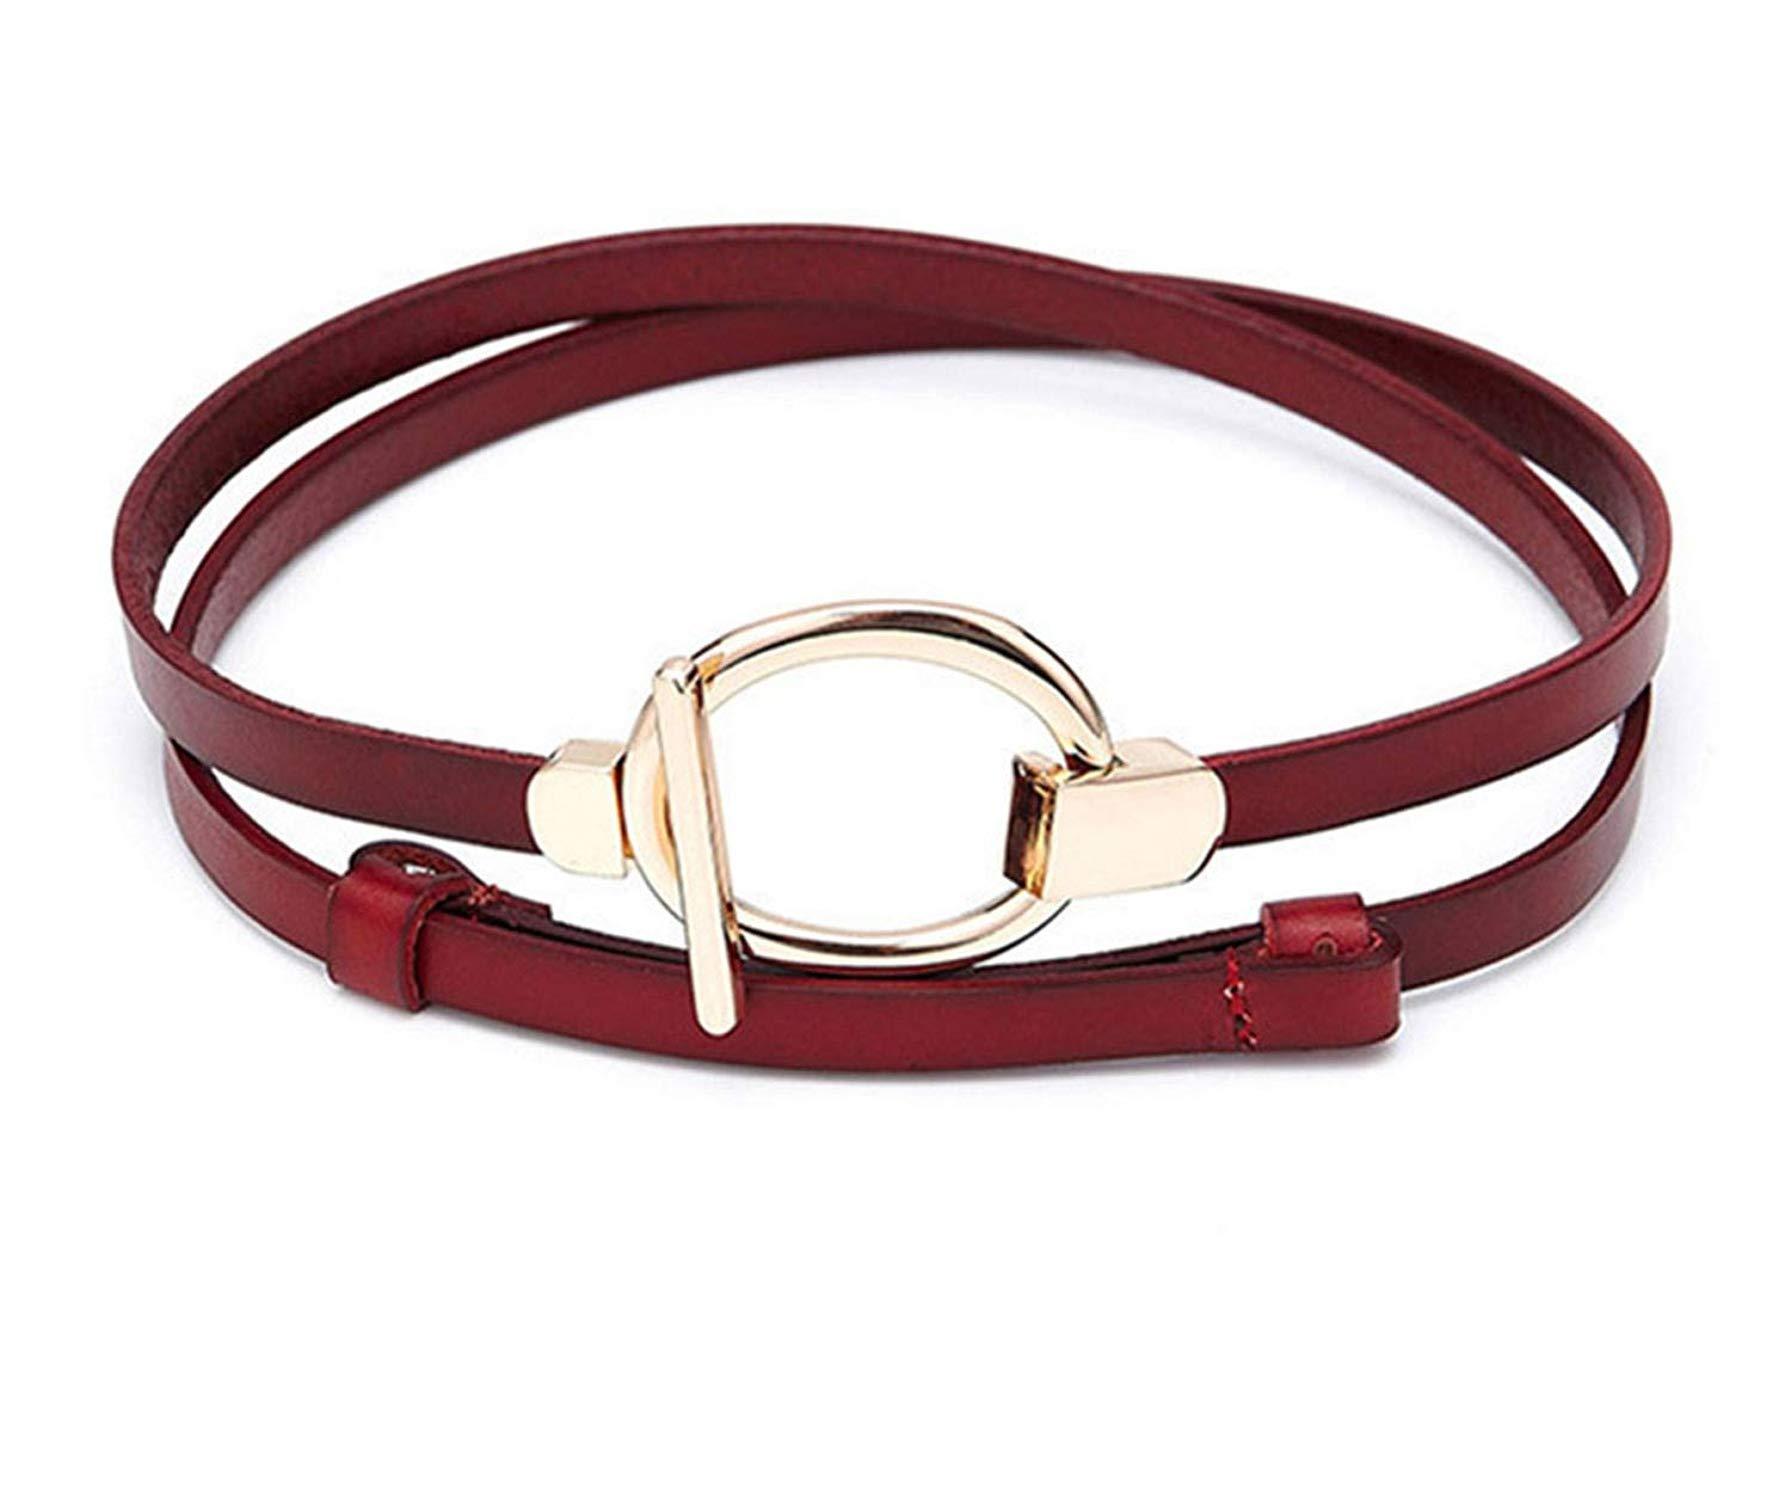 Beautface Makeup Fashion Gold Chain Belts Wedding Dress Belts Golden Round Buckle,100cm,Red